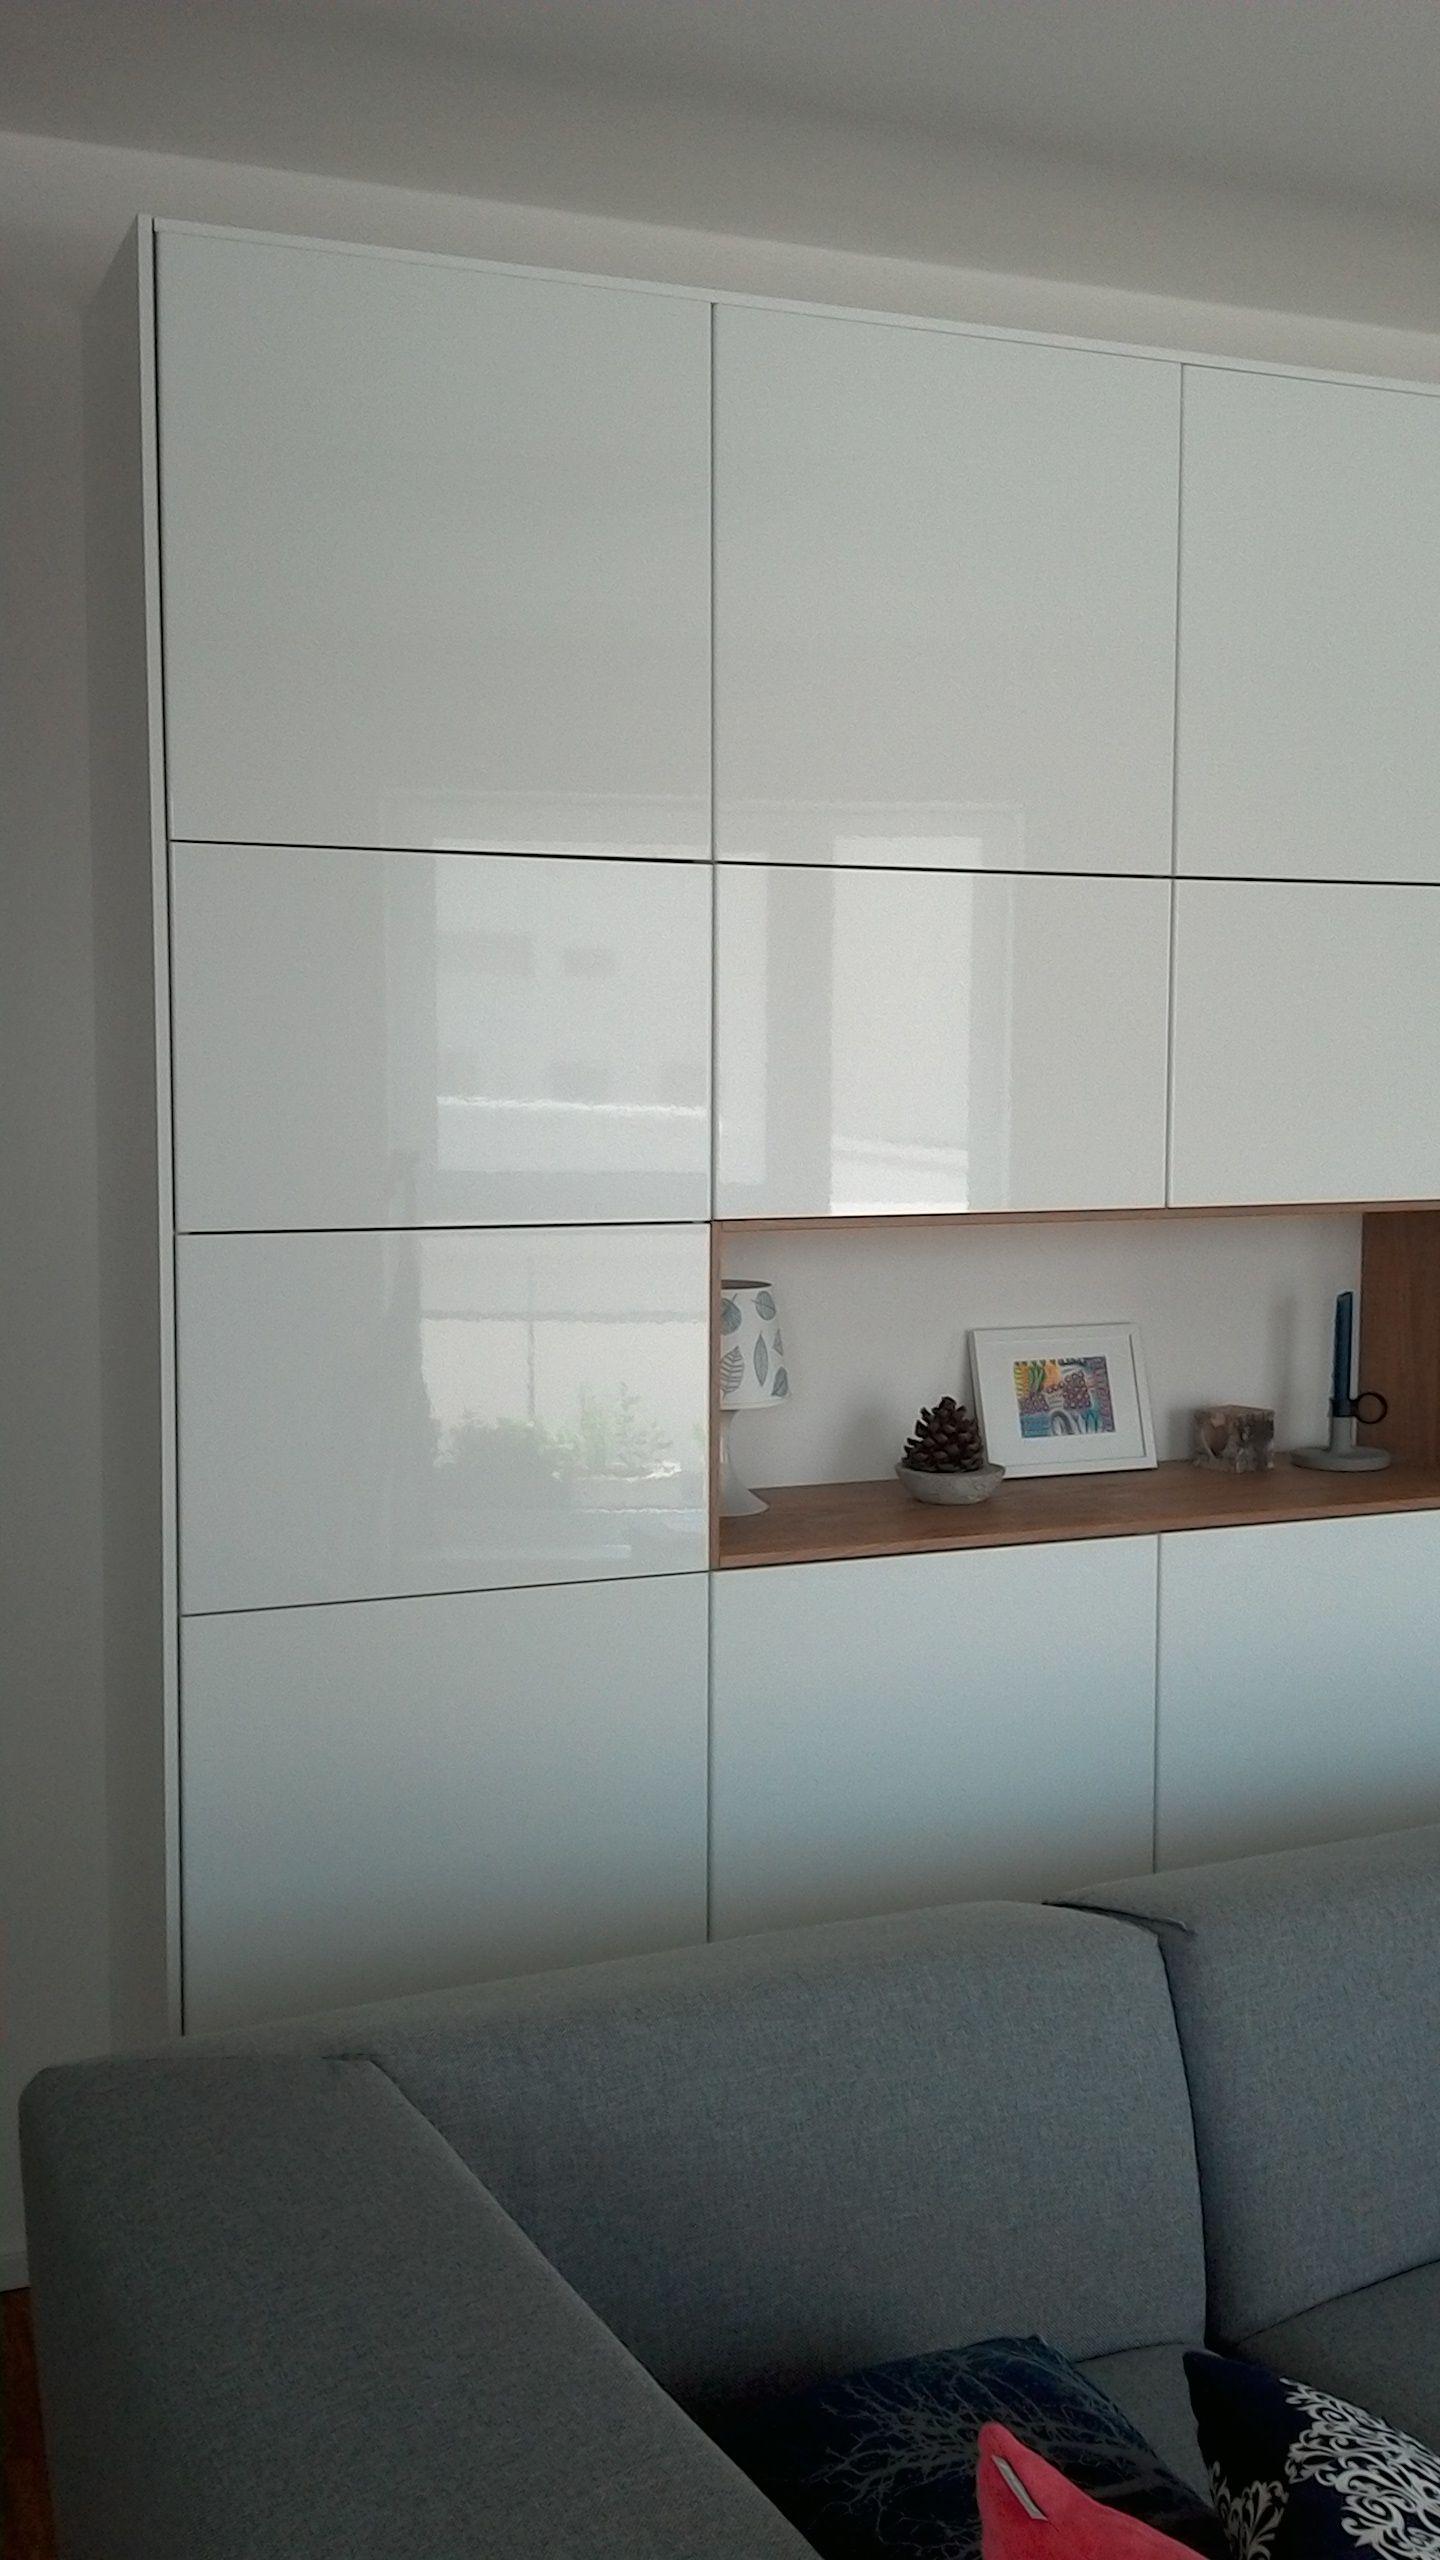 Full Size of Ikea Wohnzimmerschrank Küche Kaufen Modulküche Kosten Sofa Mit Schlaffunktion Betten 160x200 Miniküche Bei Wohnzimmer Ikea Wohnzimmerschrank